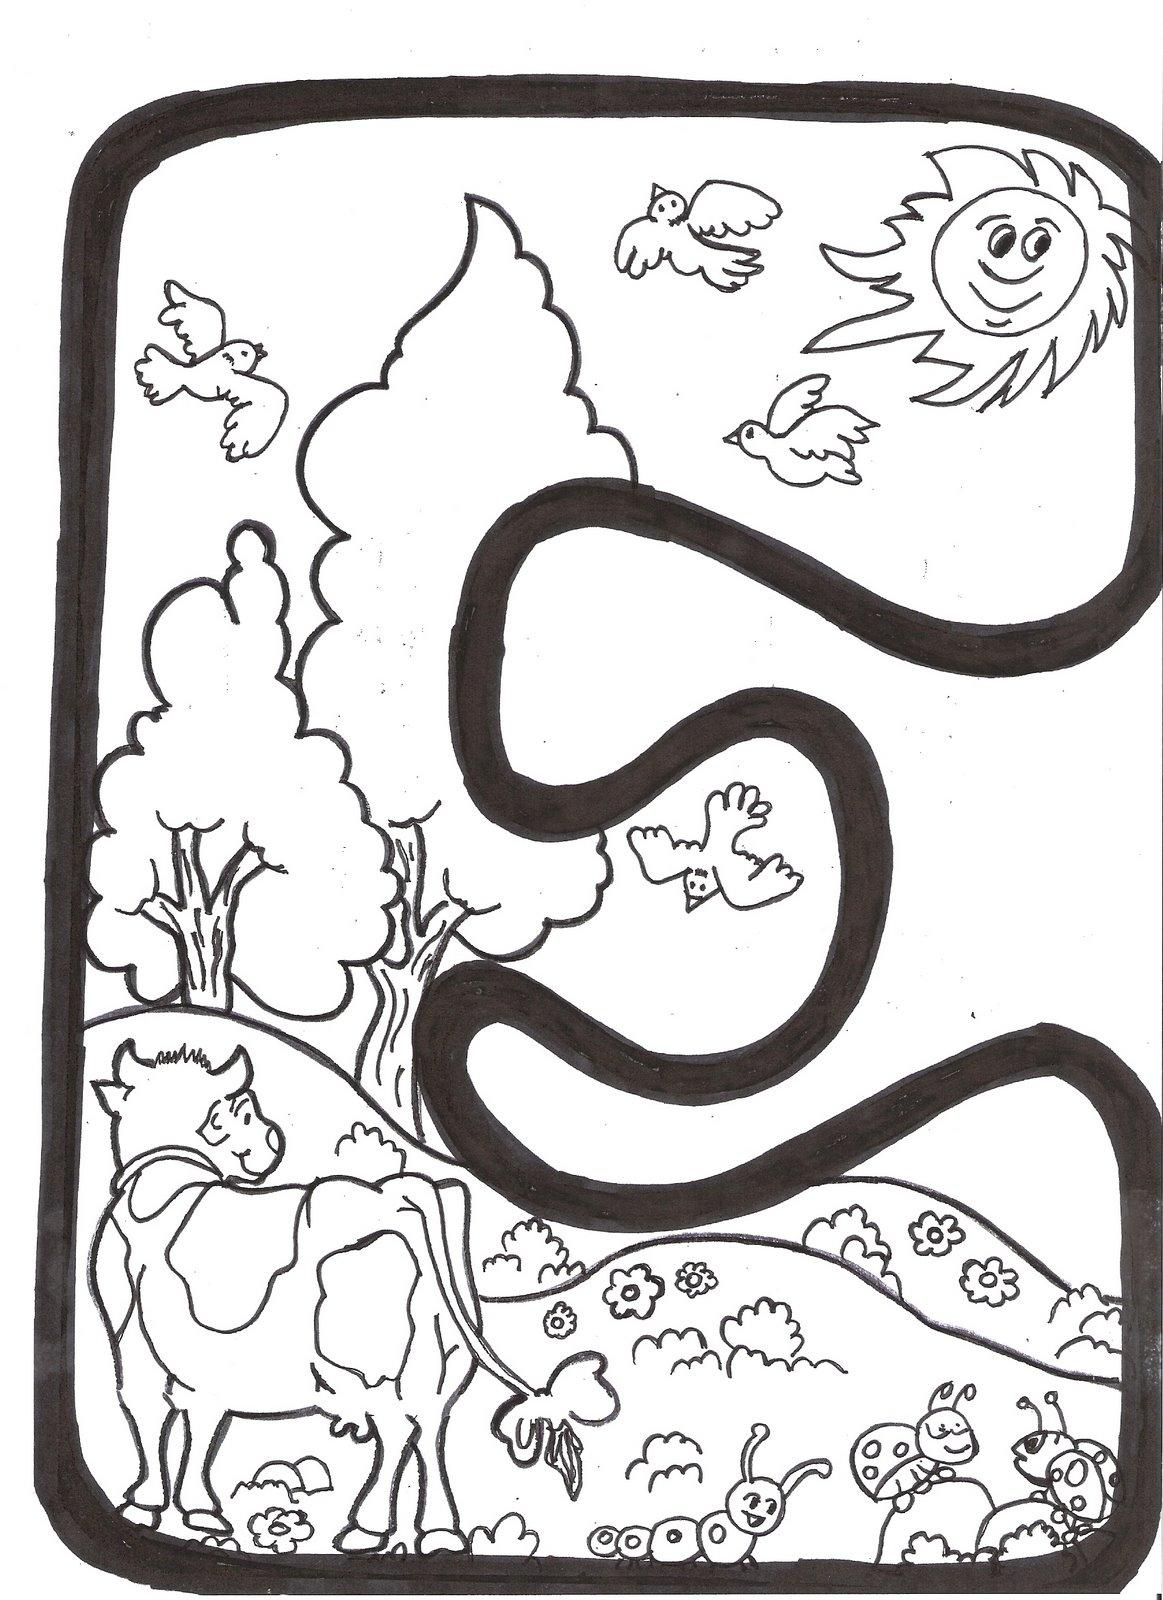 Letras bonitas para imprimir y colorear - Imagui